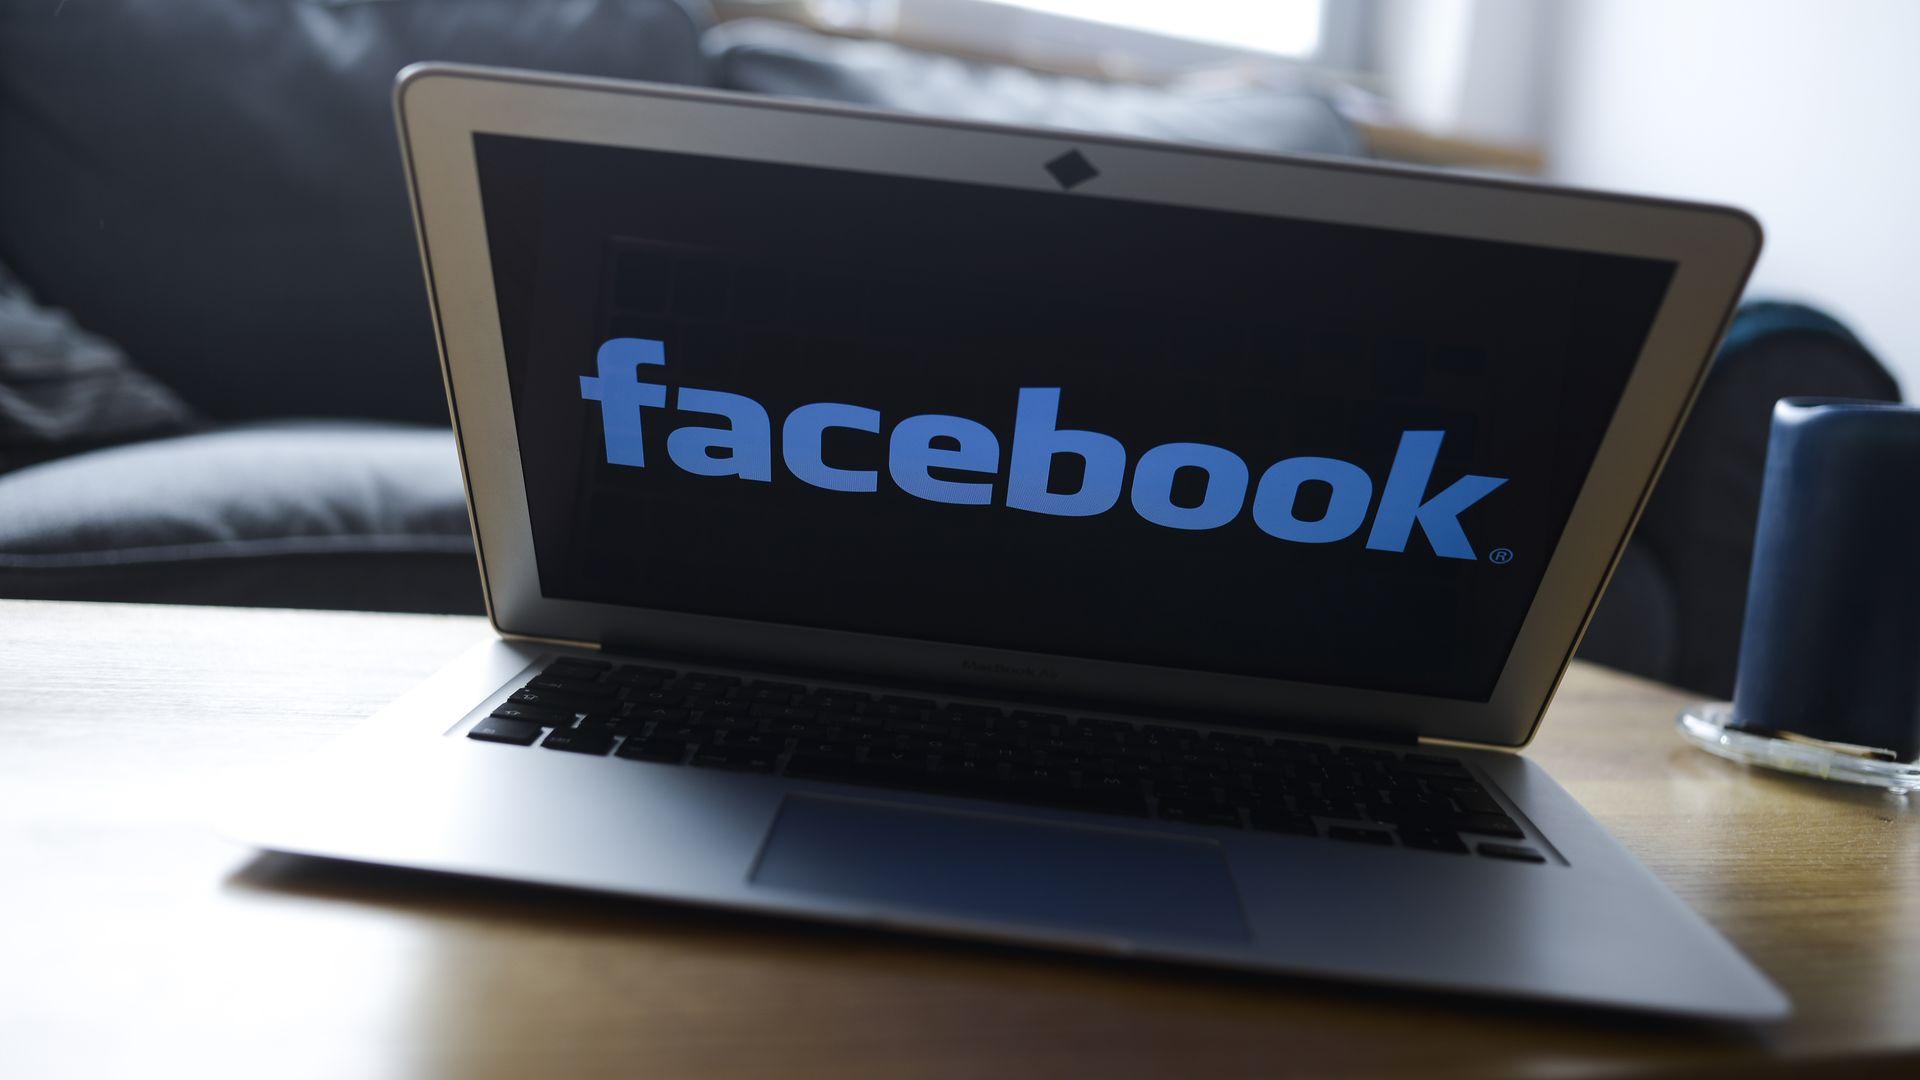 Facebook logo on a laptop